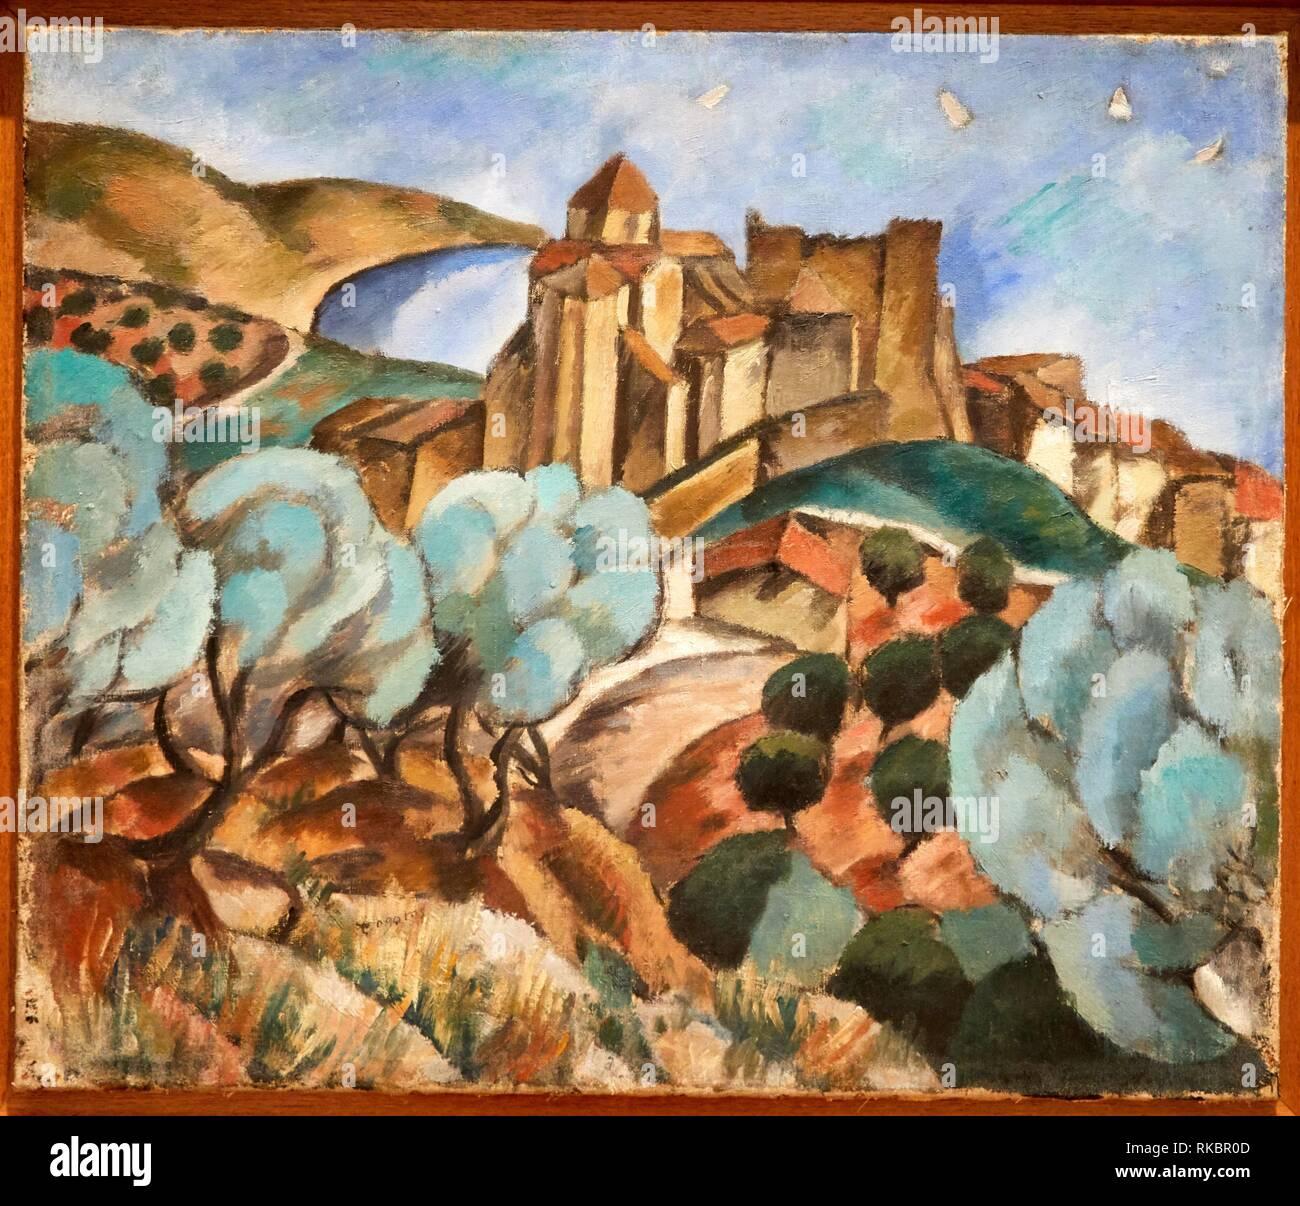 Landscape, 1917, José de Togores, Museo Nacional Centro de Arte Reina Sofia, Madrid, Spain, Europe Stock Photo